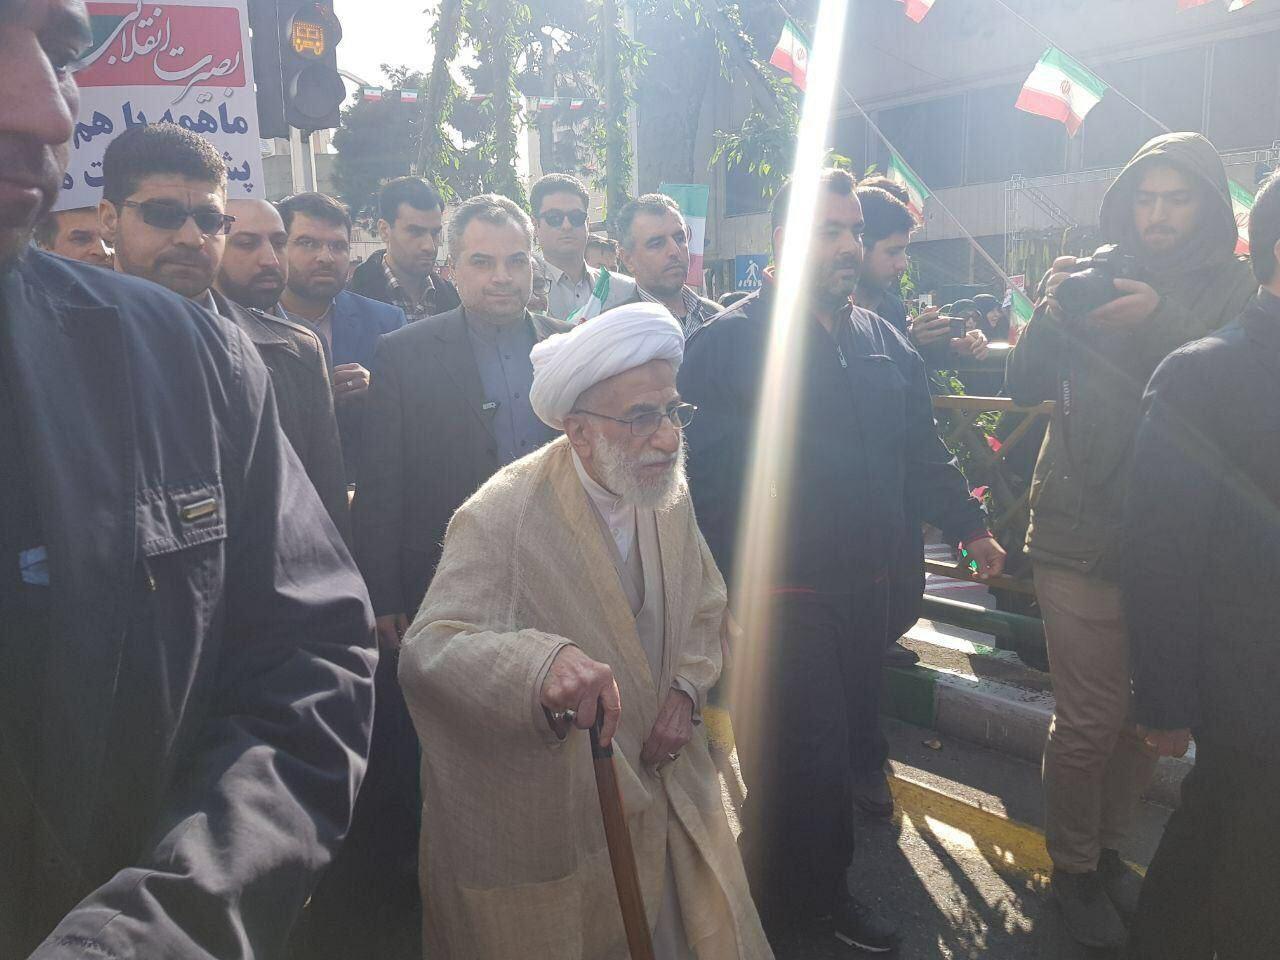 آیت الله جنتی در راهپیمایی ۲۲ بهمن + عکس